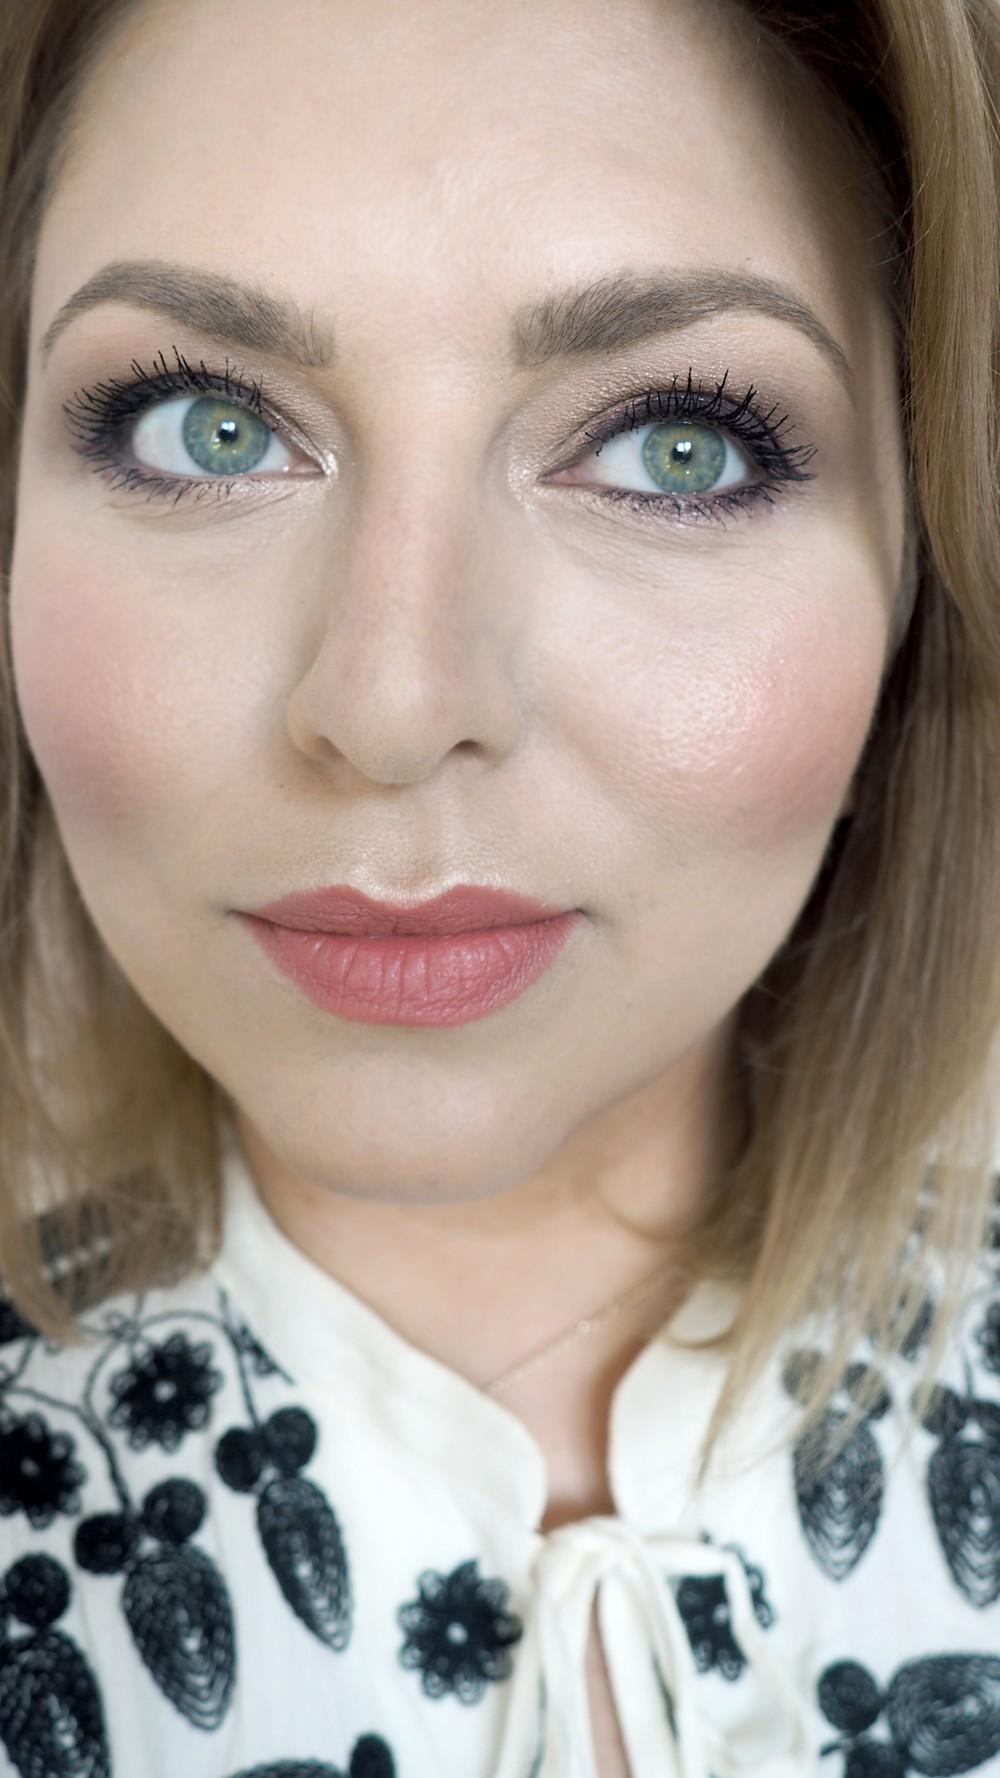 makijaz-rossmann-przecena